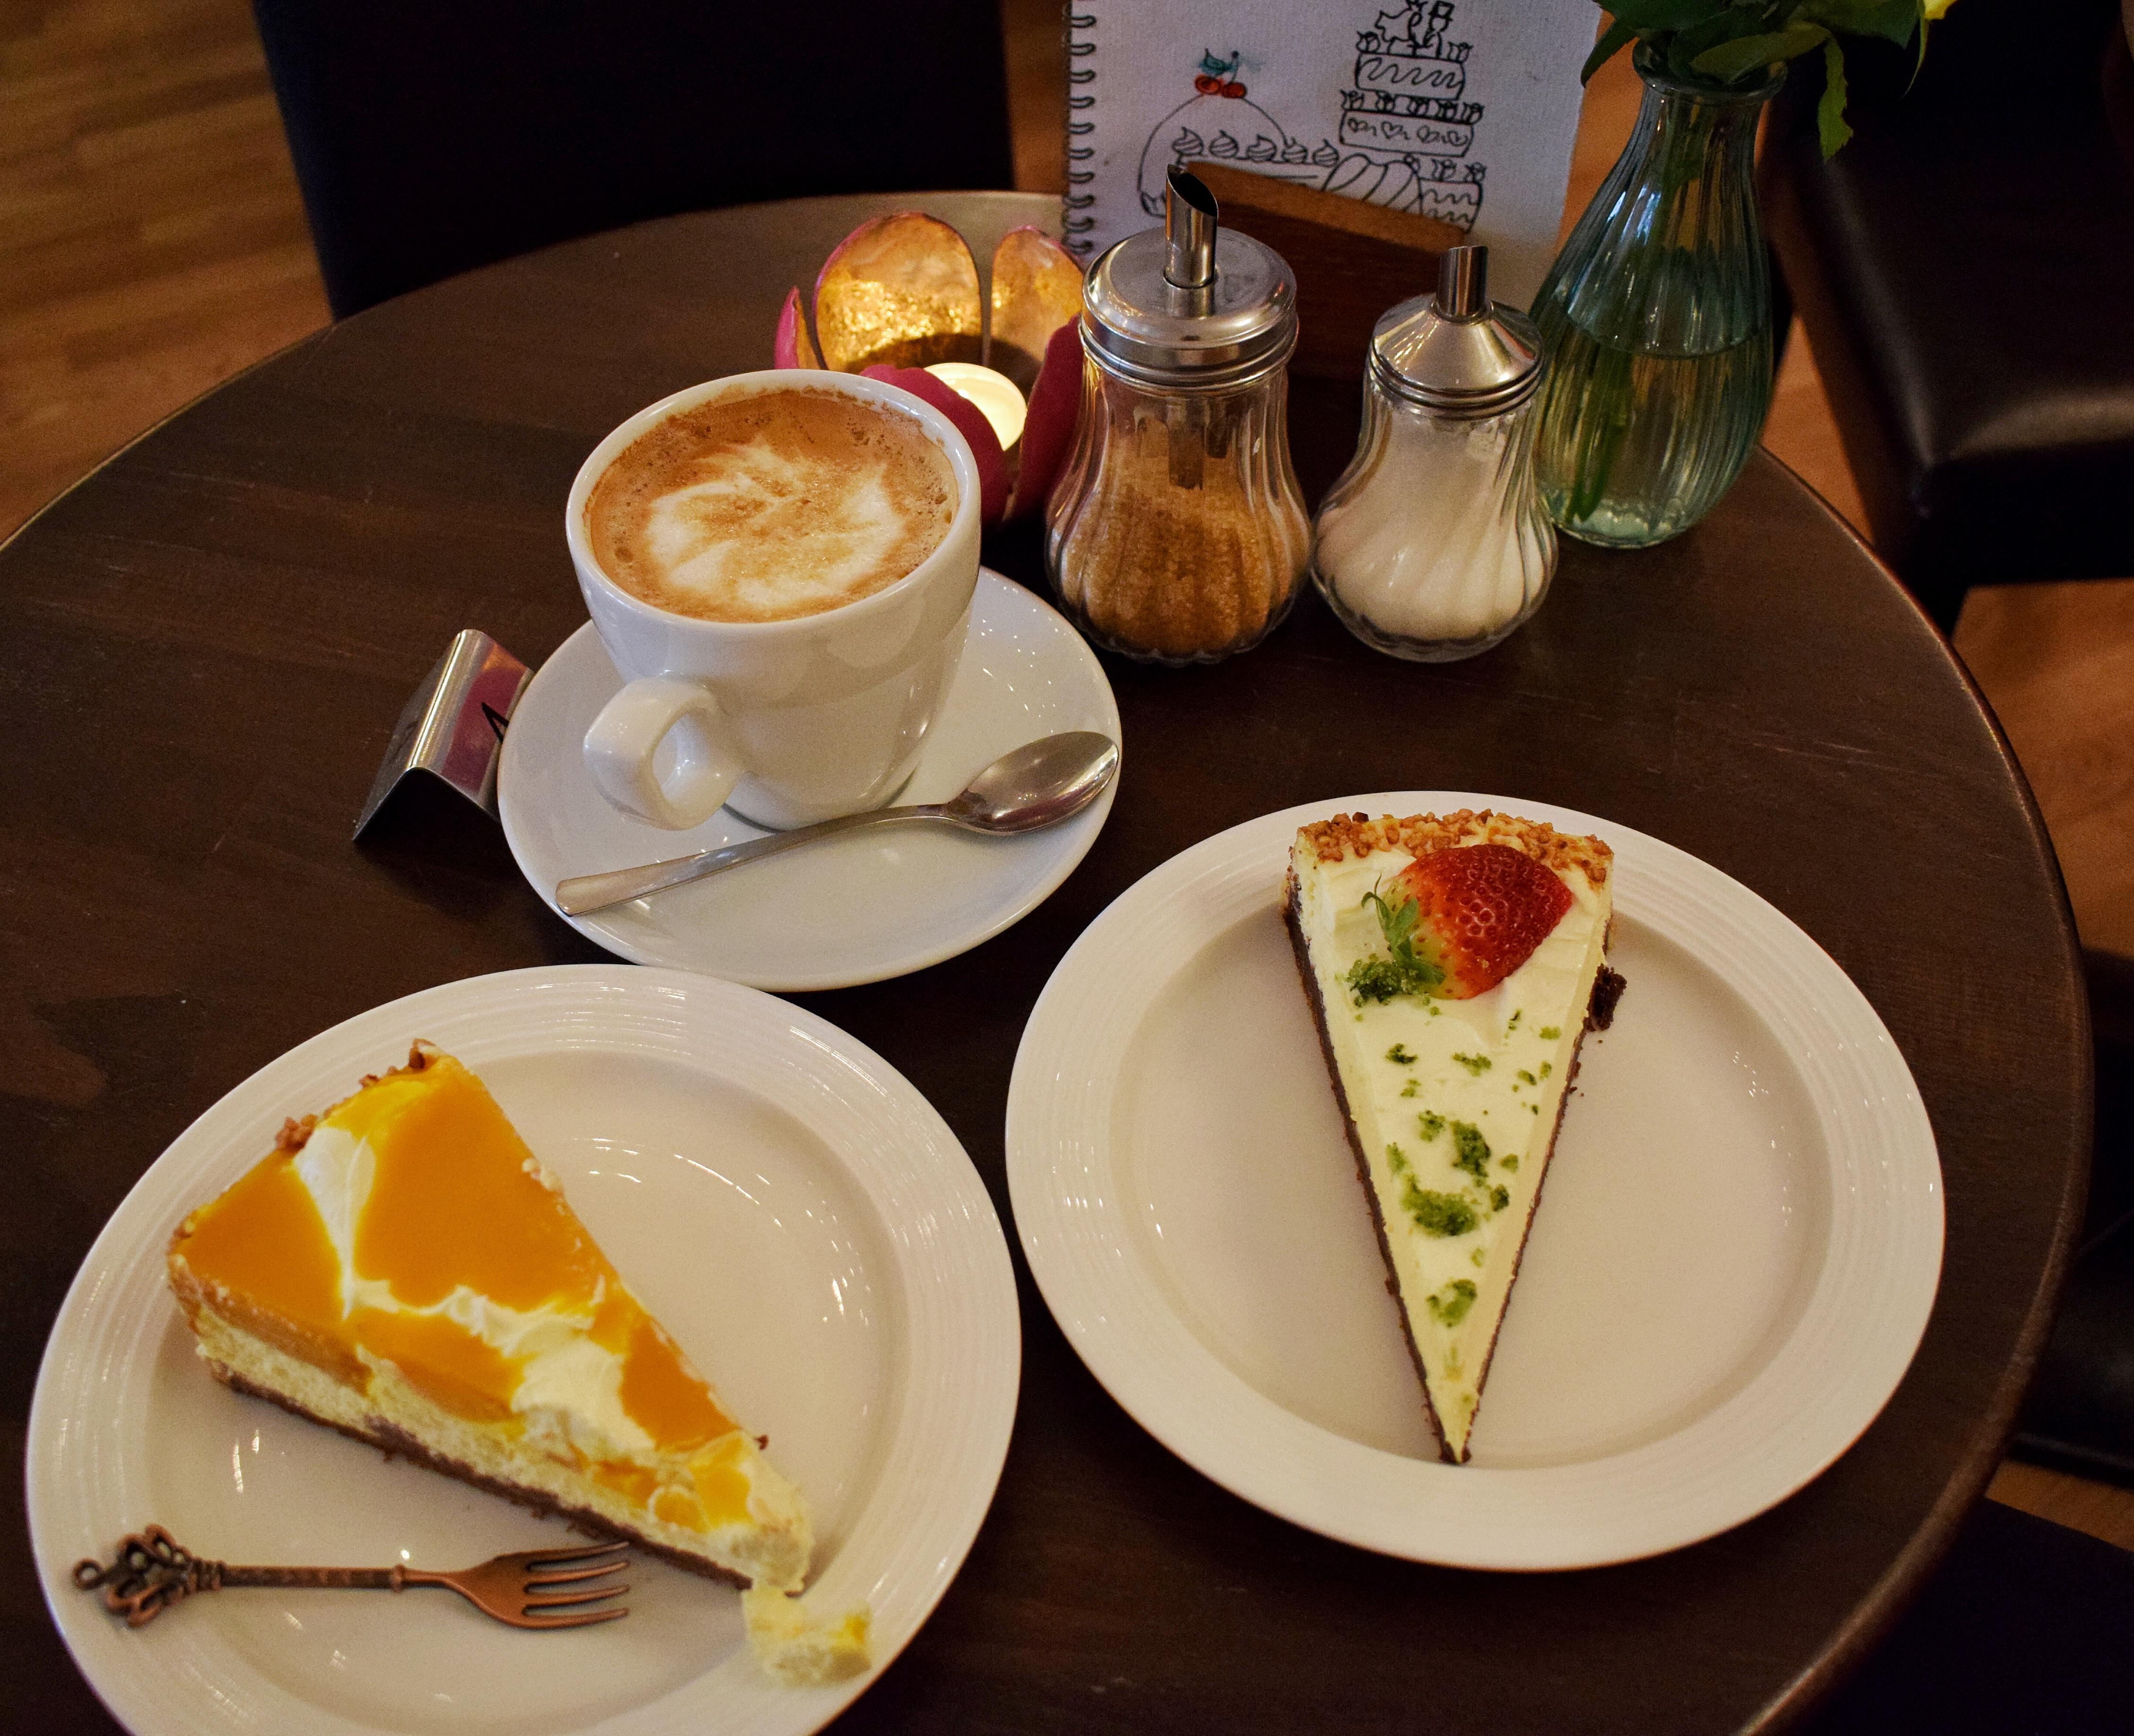 Der Kuchenladen-Charlottenburg